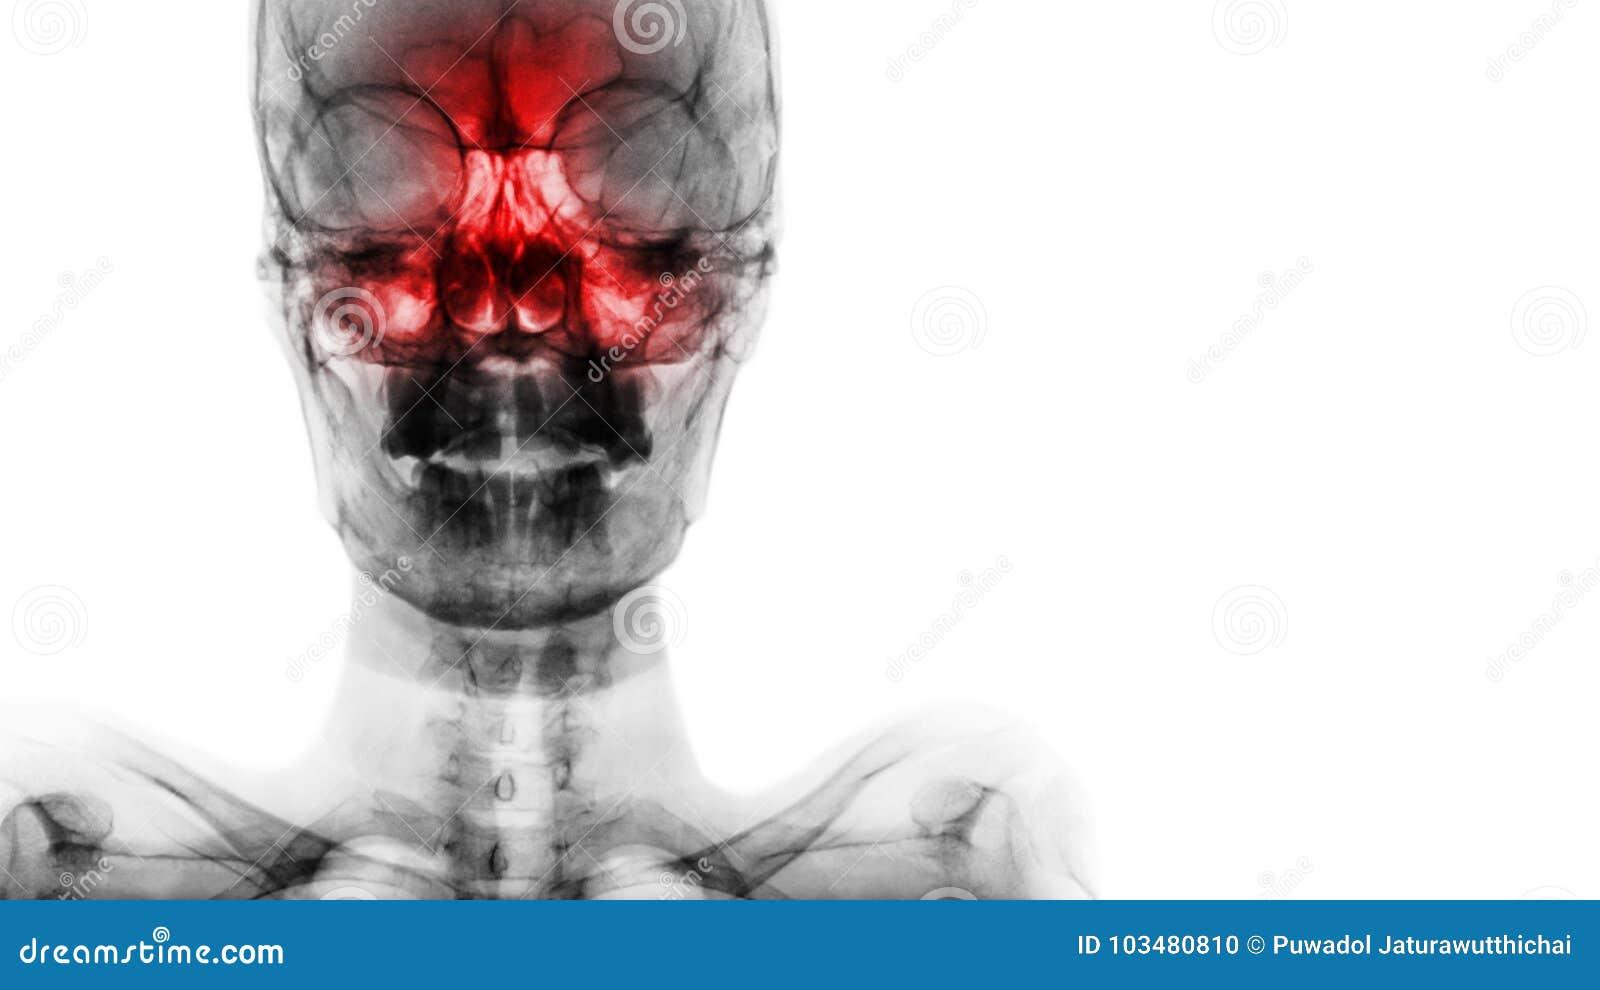 Sinusite au sinus frontal, ethmoïde, maxillaire Filmez le rayon X du crâne et masquez le secteur au côté droit